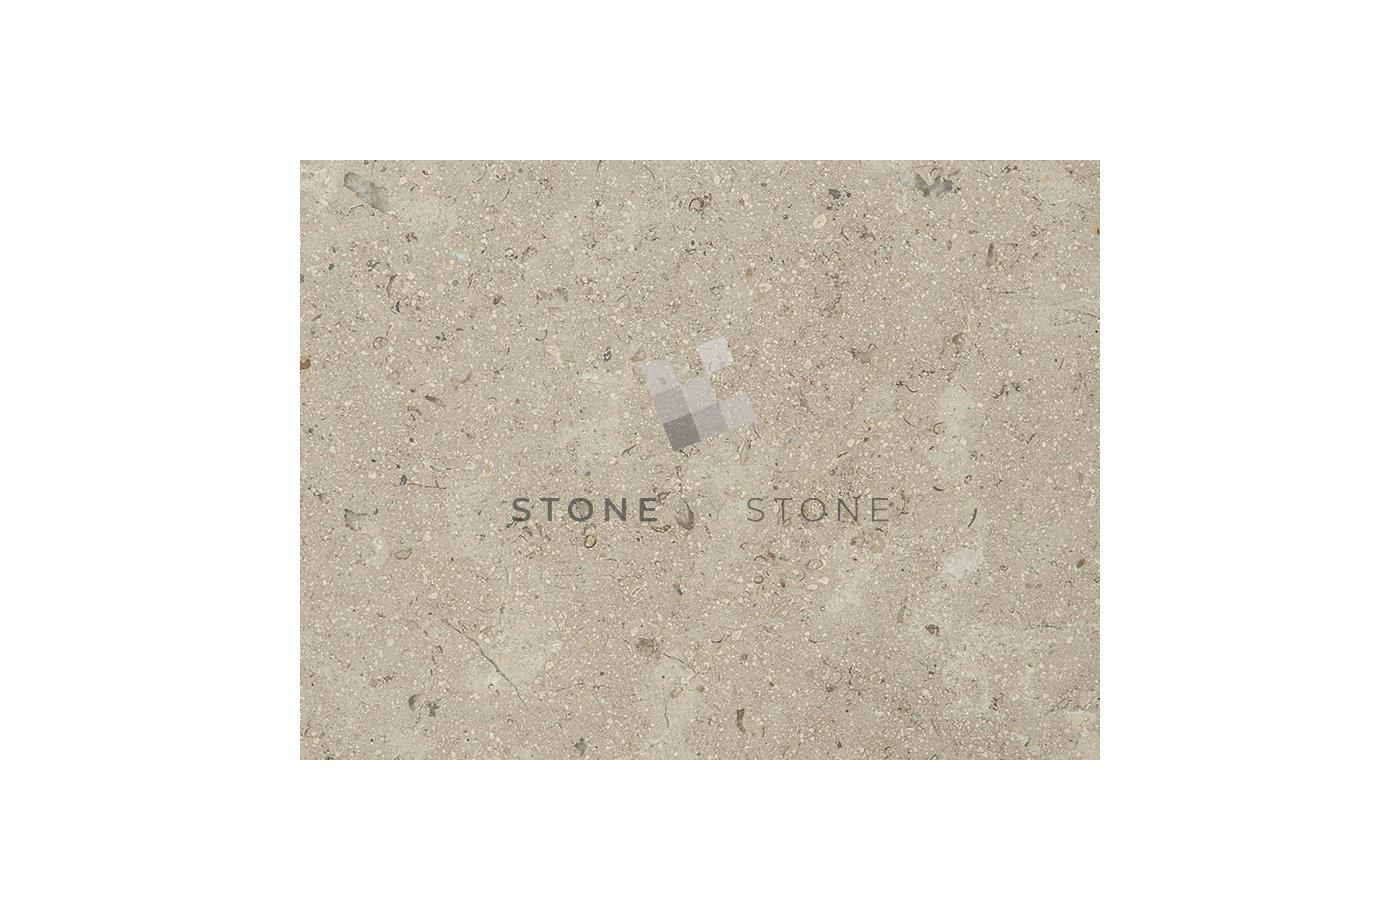 Dallage Marbre Sinaï Pearl - 60x90/1,5cm - Sablé brossé - Beige Cendré